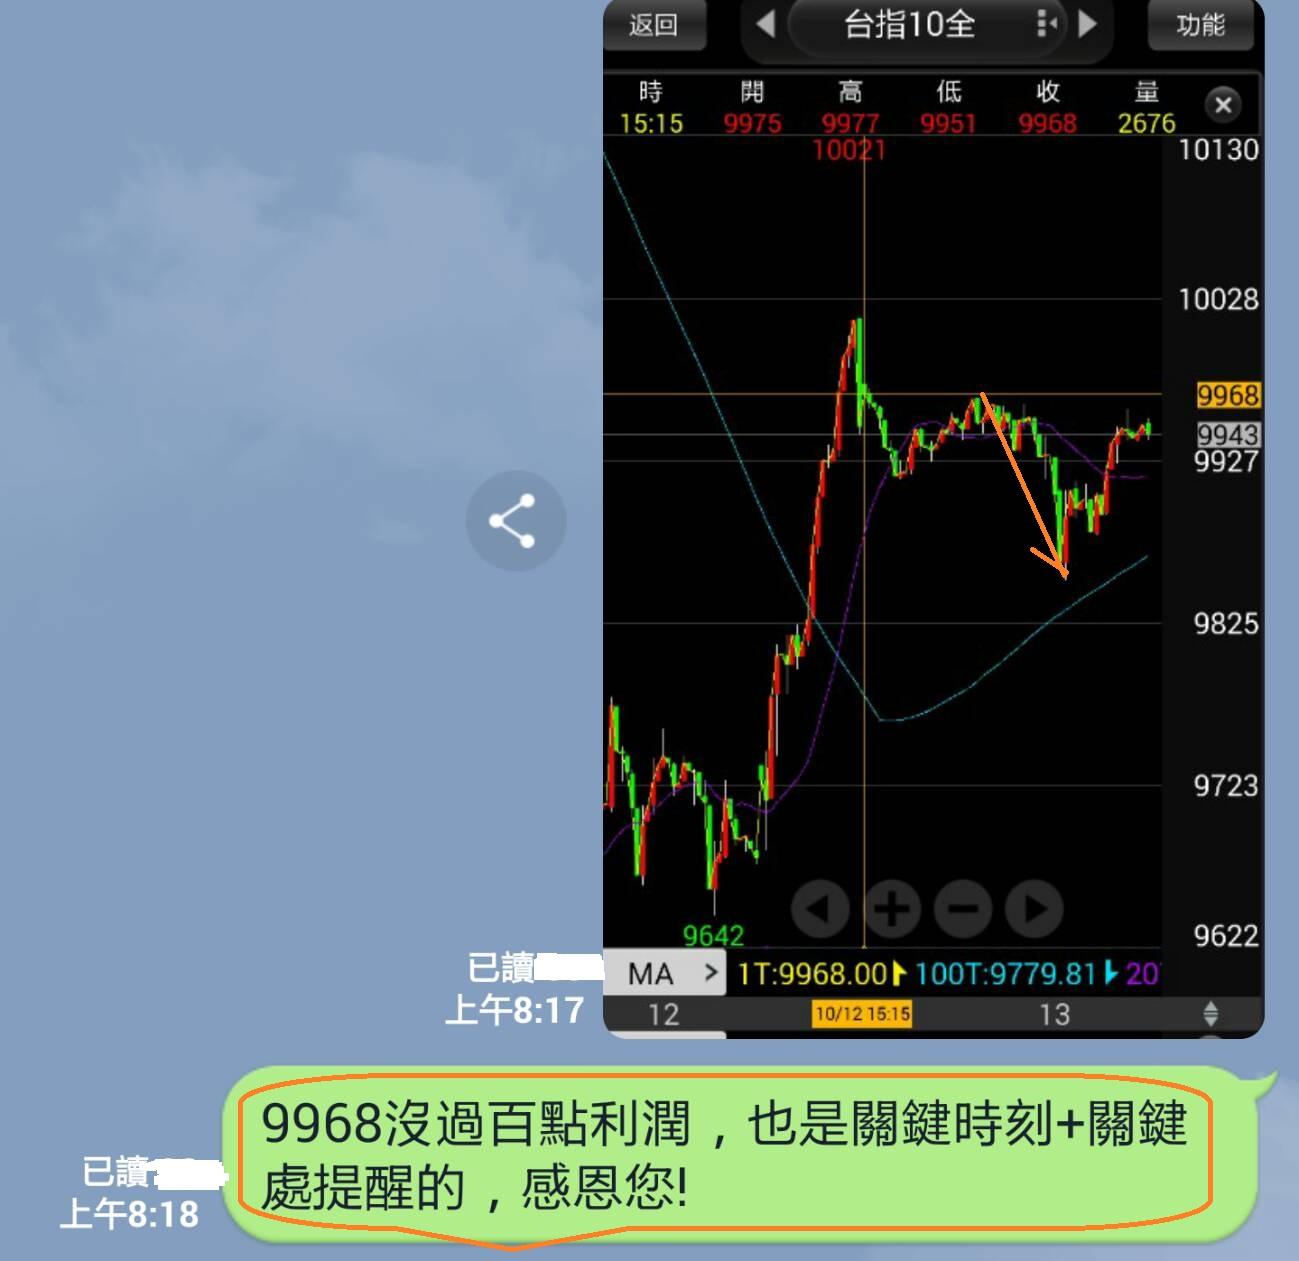 避開股災平安快樂_207